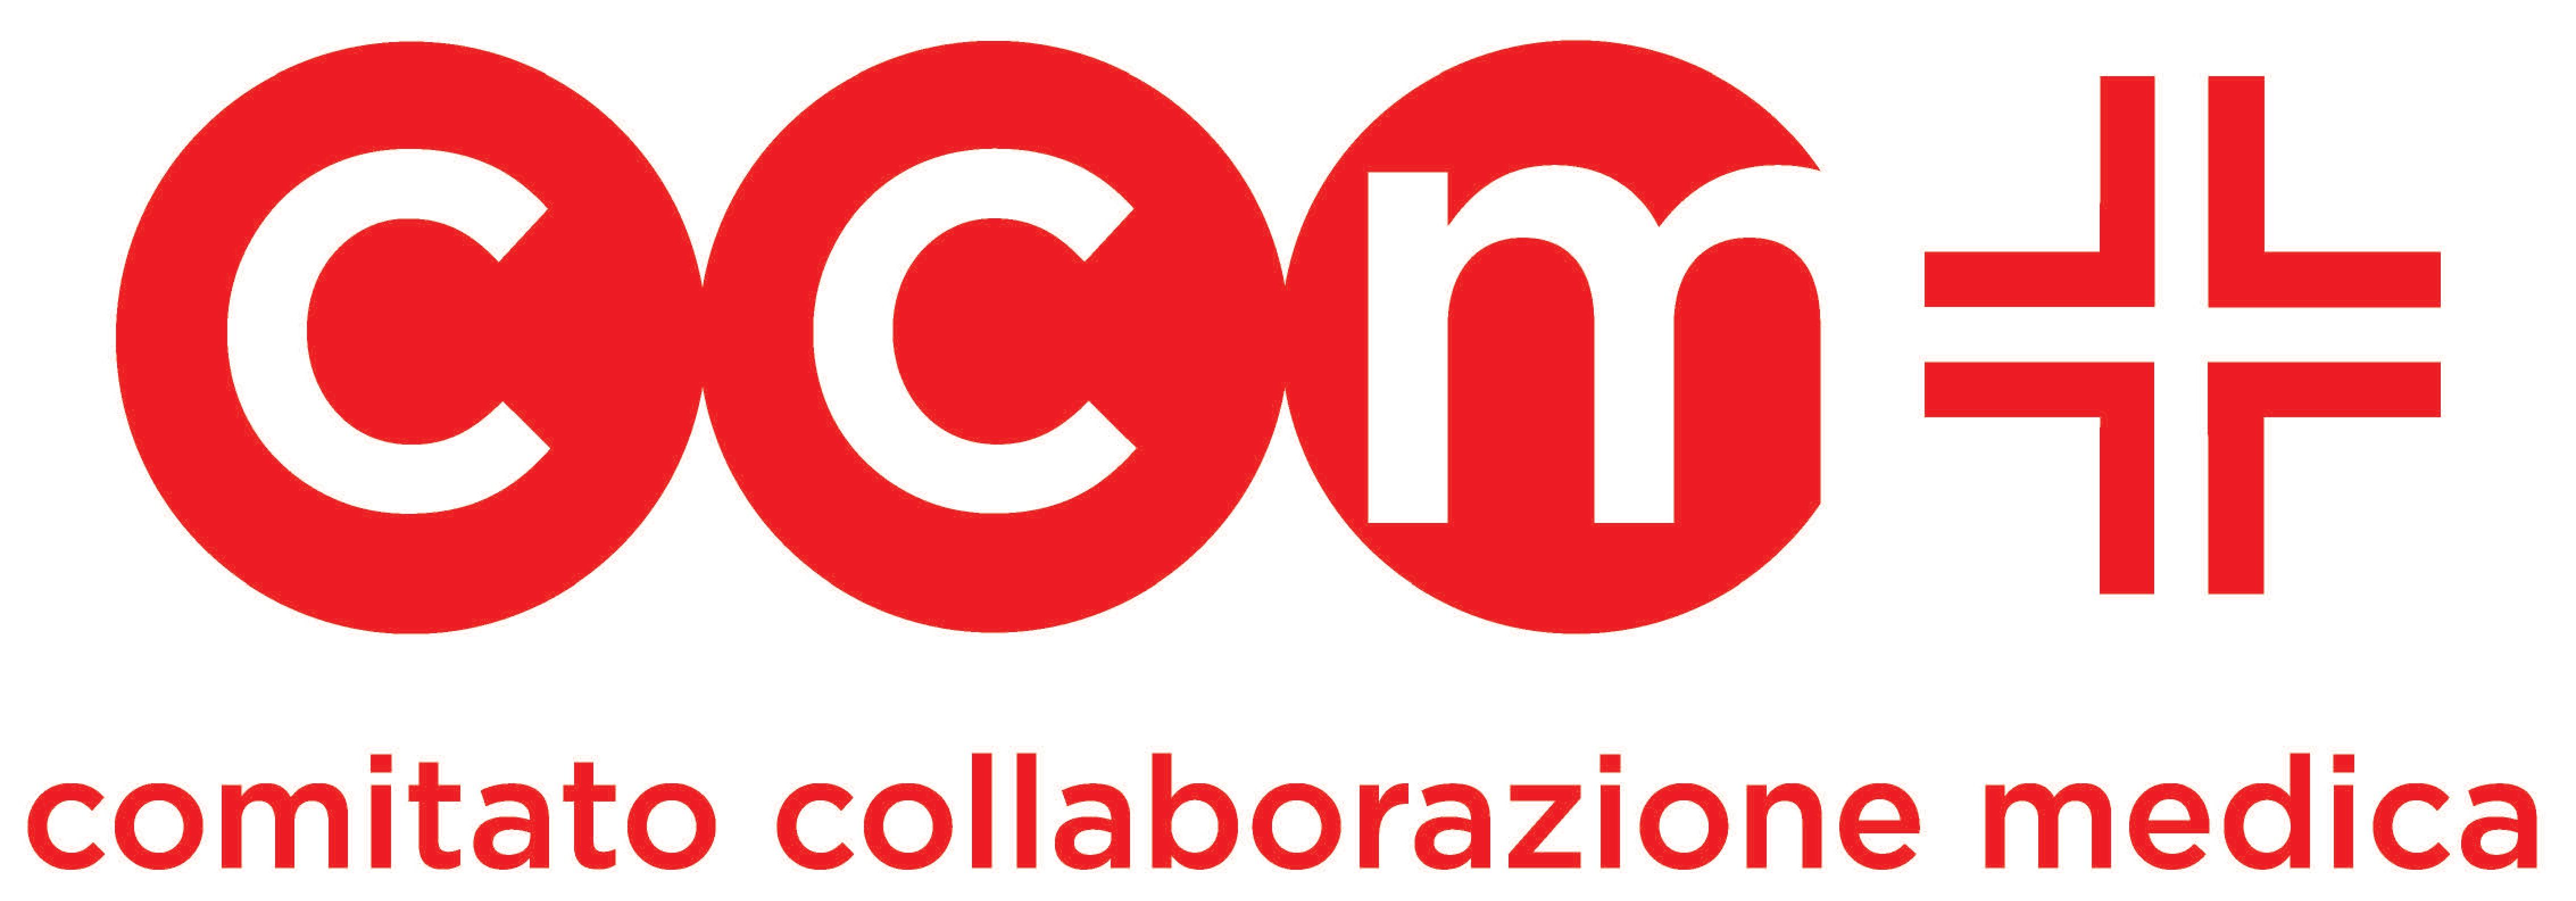 Rete del Dono - Comitato Collaborazione Medica - CCM